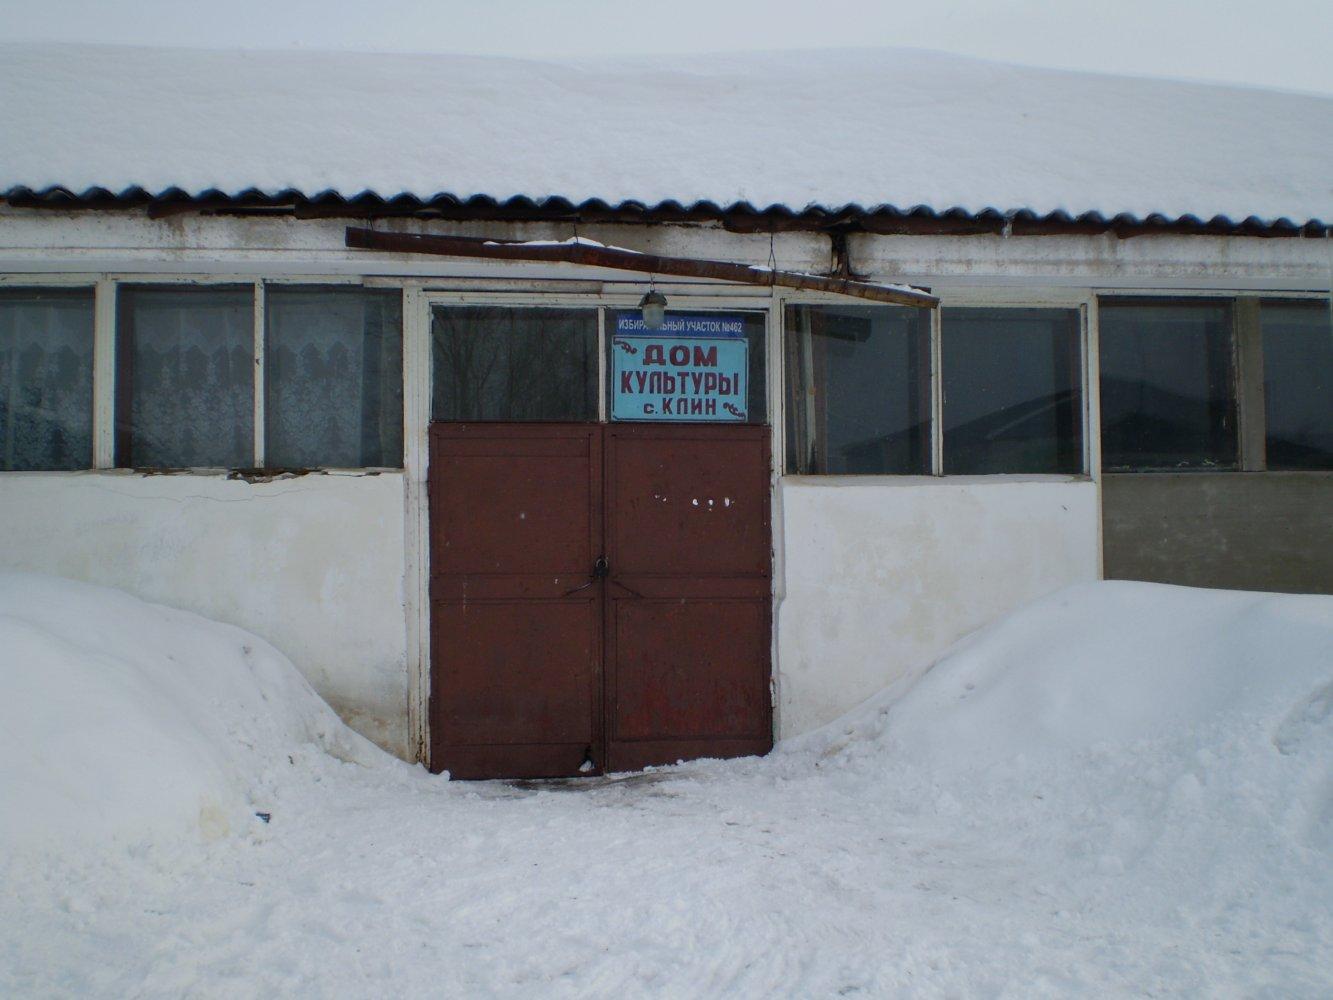 Фото P3200020.JPG. Россия, Нижегородская область, Клин, Unnamed Road